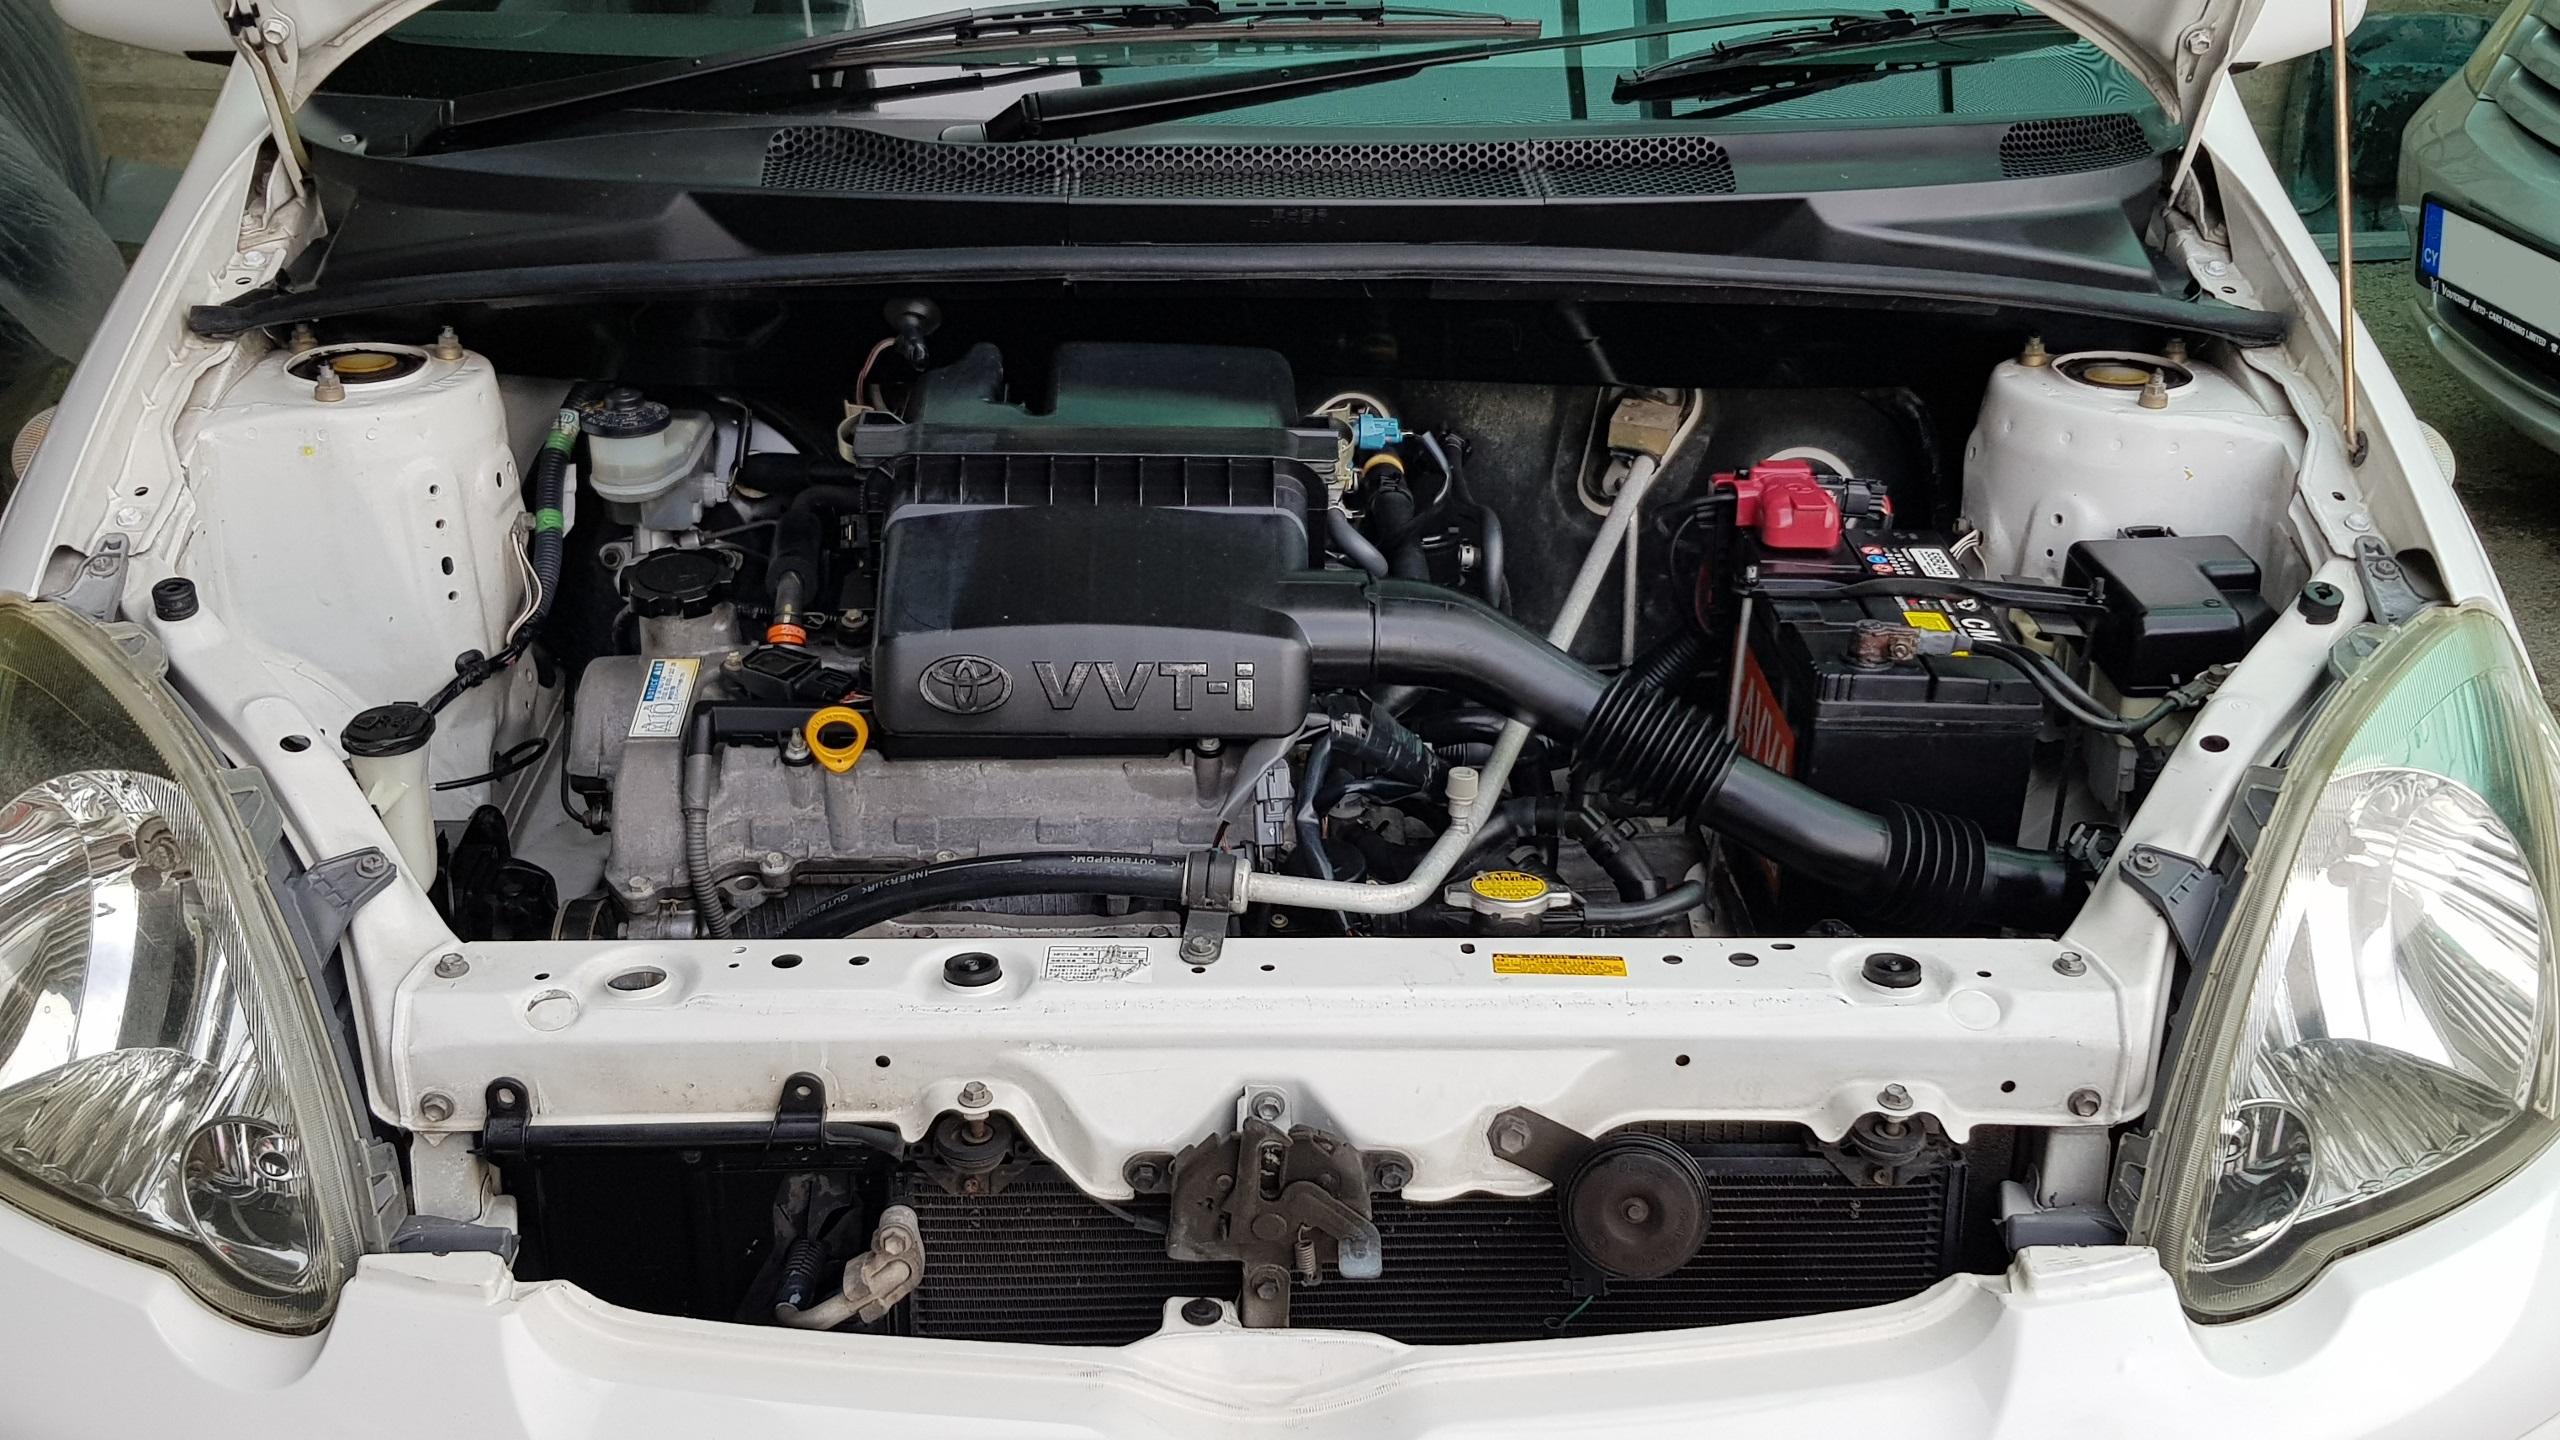 Toyota Vitz White 06